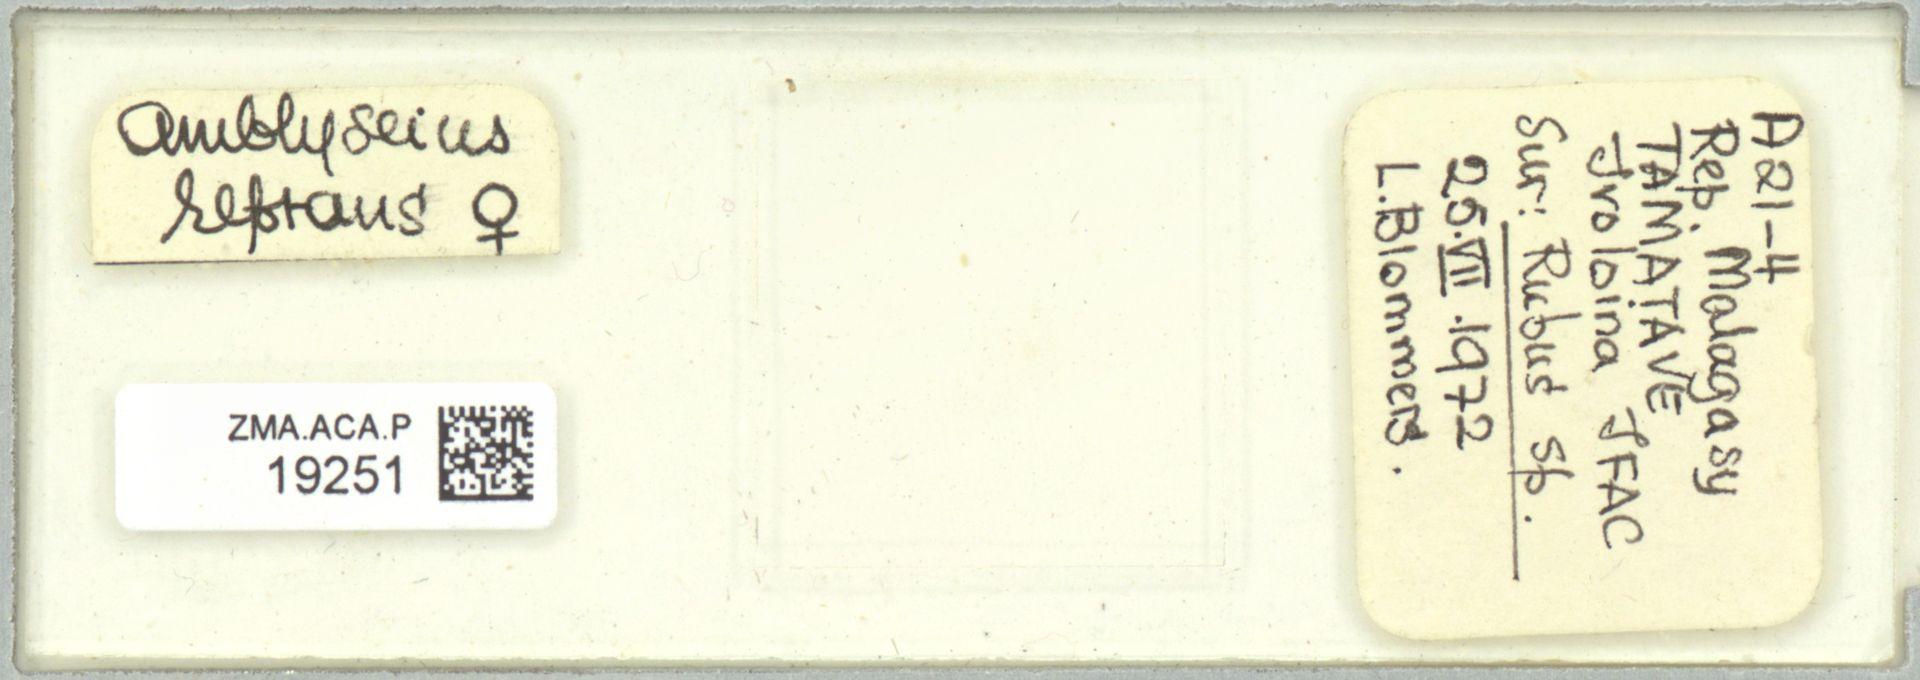 ZMA.ACA.P.19251 | Scapulaseius reptans (Blommers, 1974)